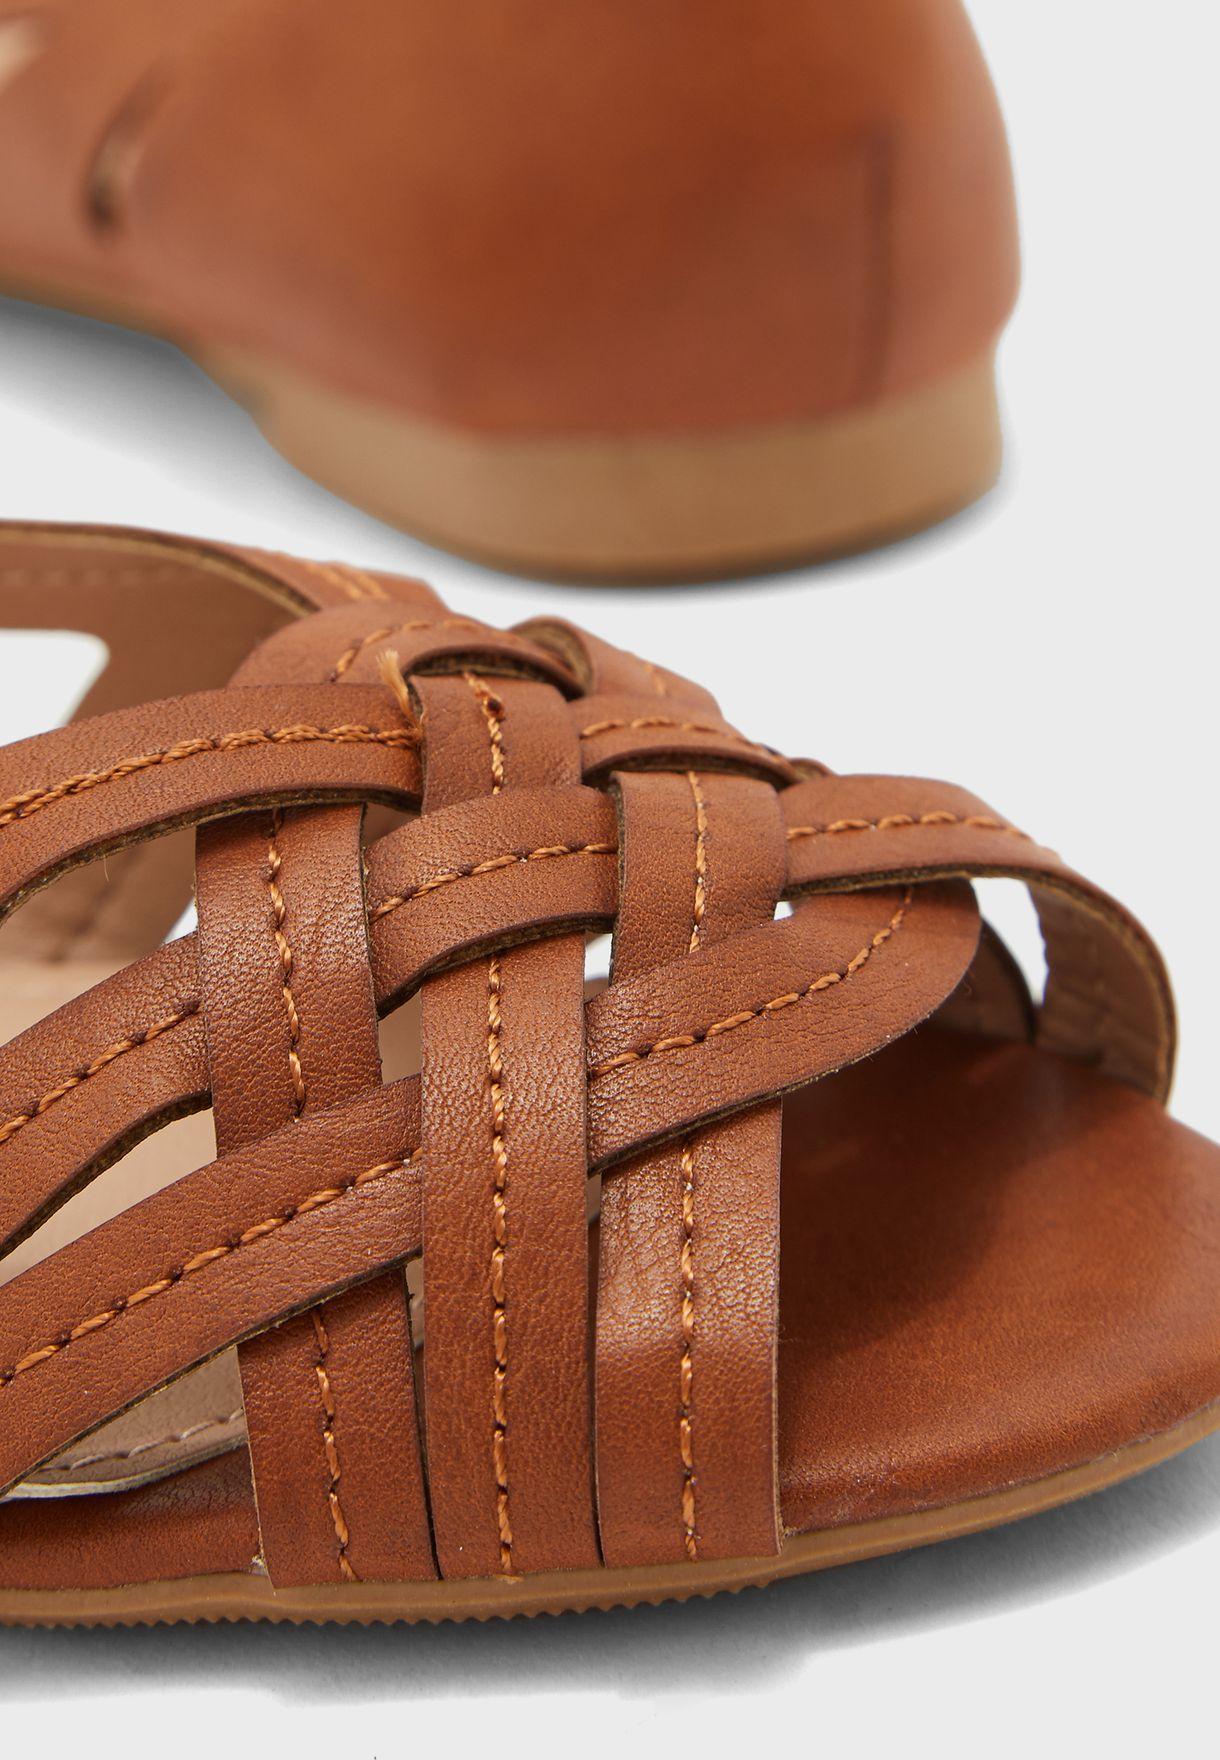 حذاء بالرينا يظهر الاصابع الامامية